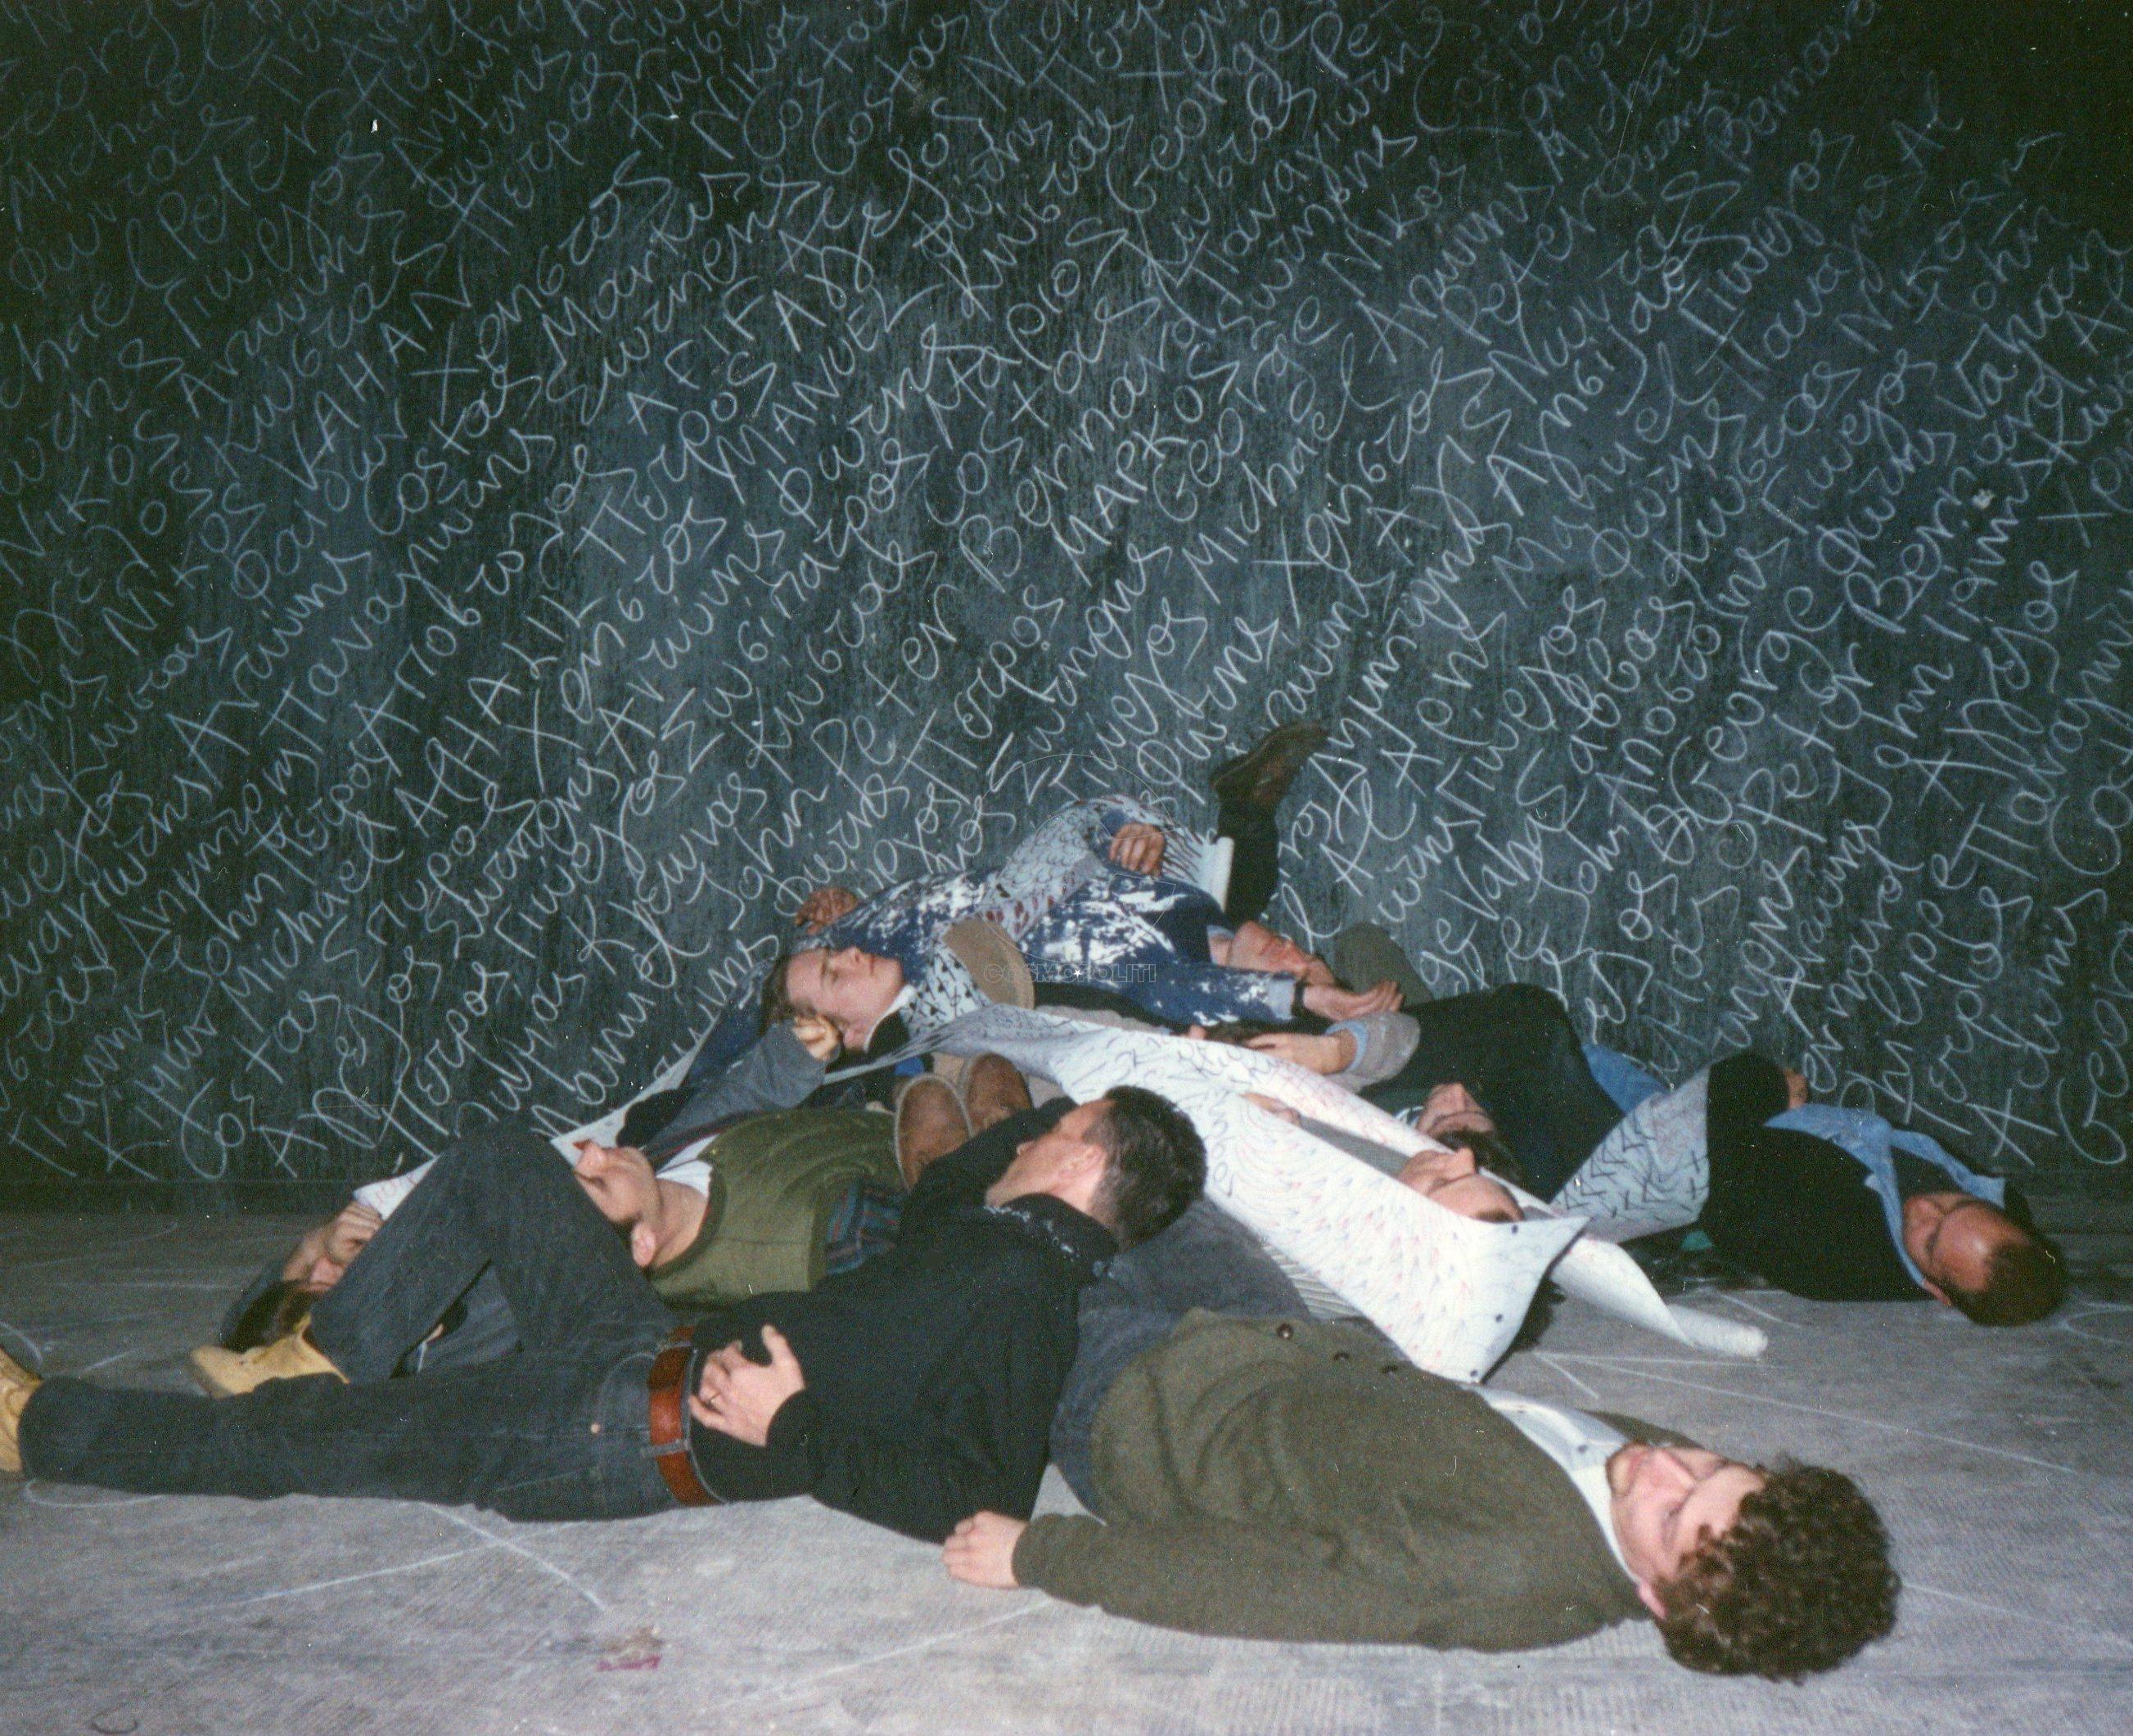 ΚΩΣΤΑΣ ΕΥΑΓΓΕΛΑΤΟΣ, ΜΝΗΜΕΙΟ ΤΟΥ ΑΝΤΙΜΙΛΙΤΑΡΙΣΜΟΥ, ΓΛΑΣΚΩΒΗ, winterschool 1994.